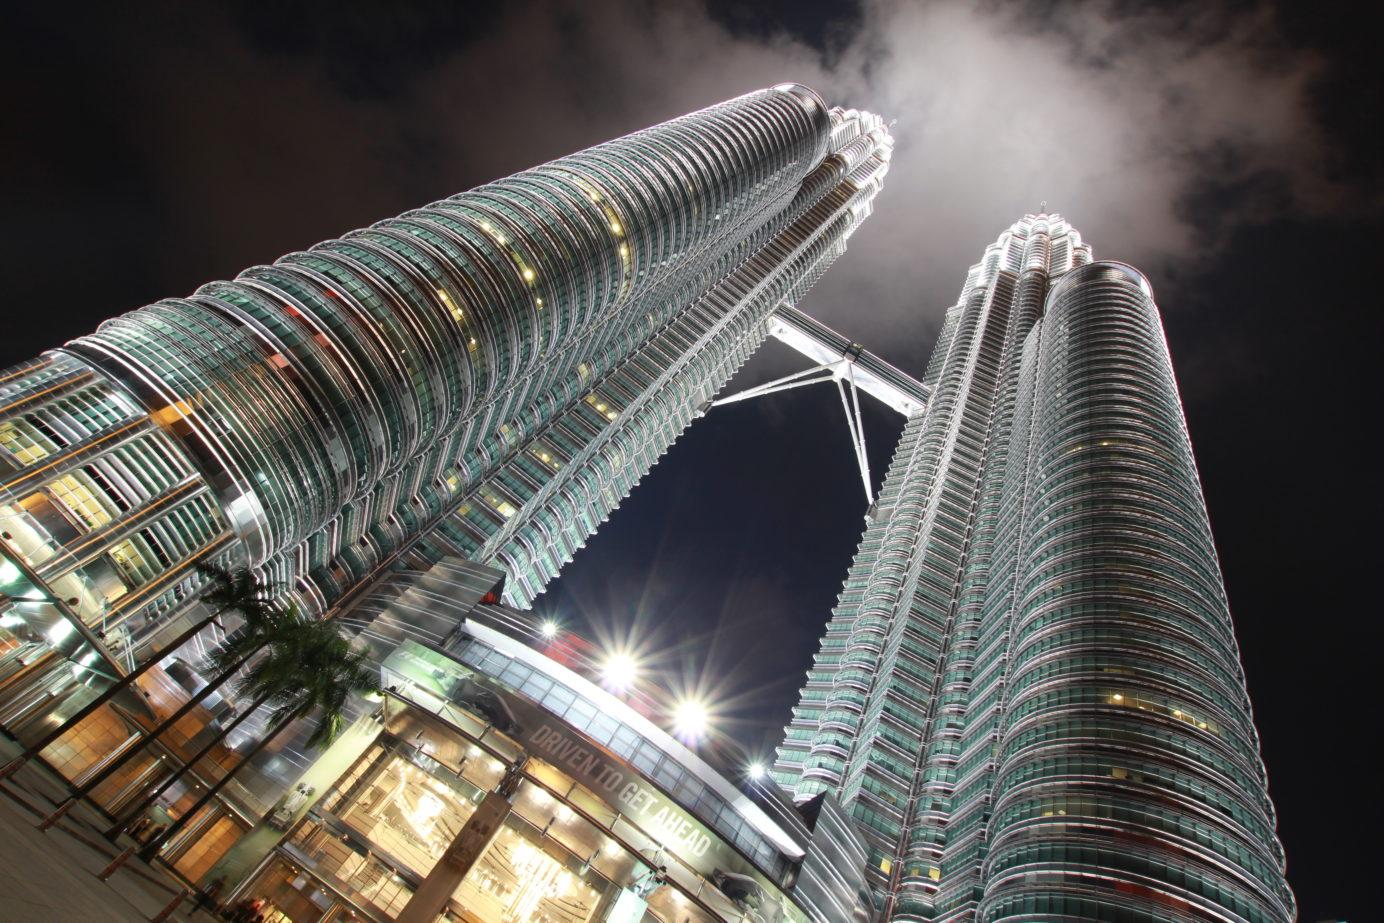 Twin towers in Malysia